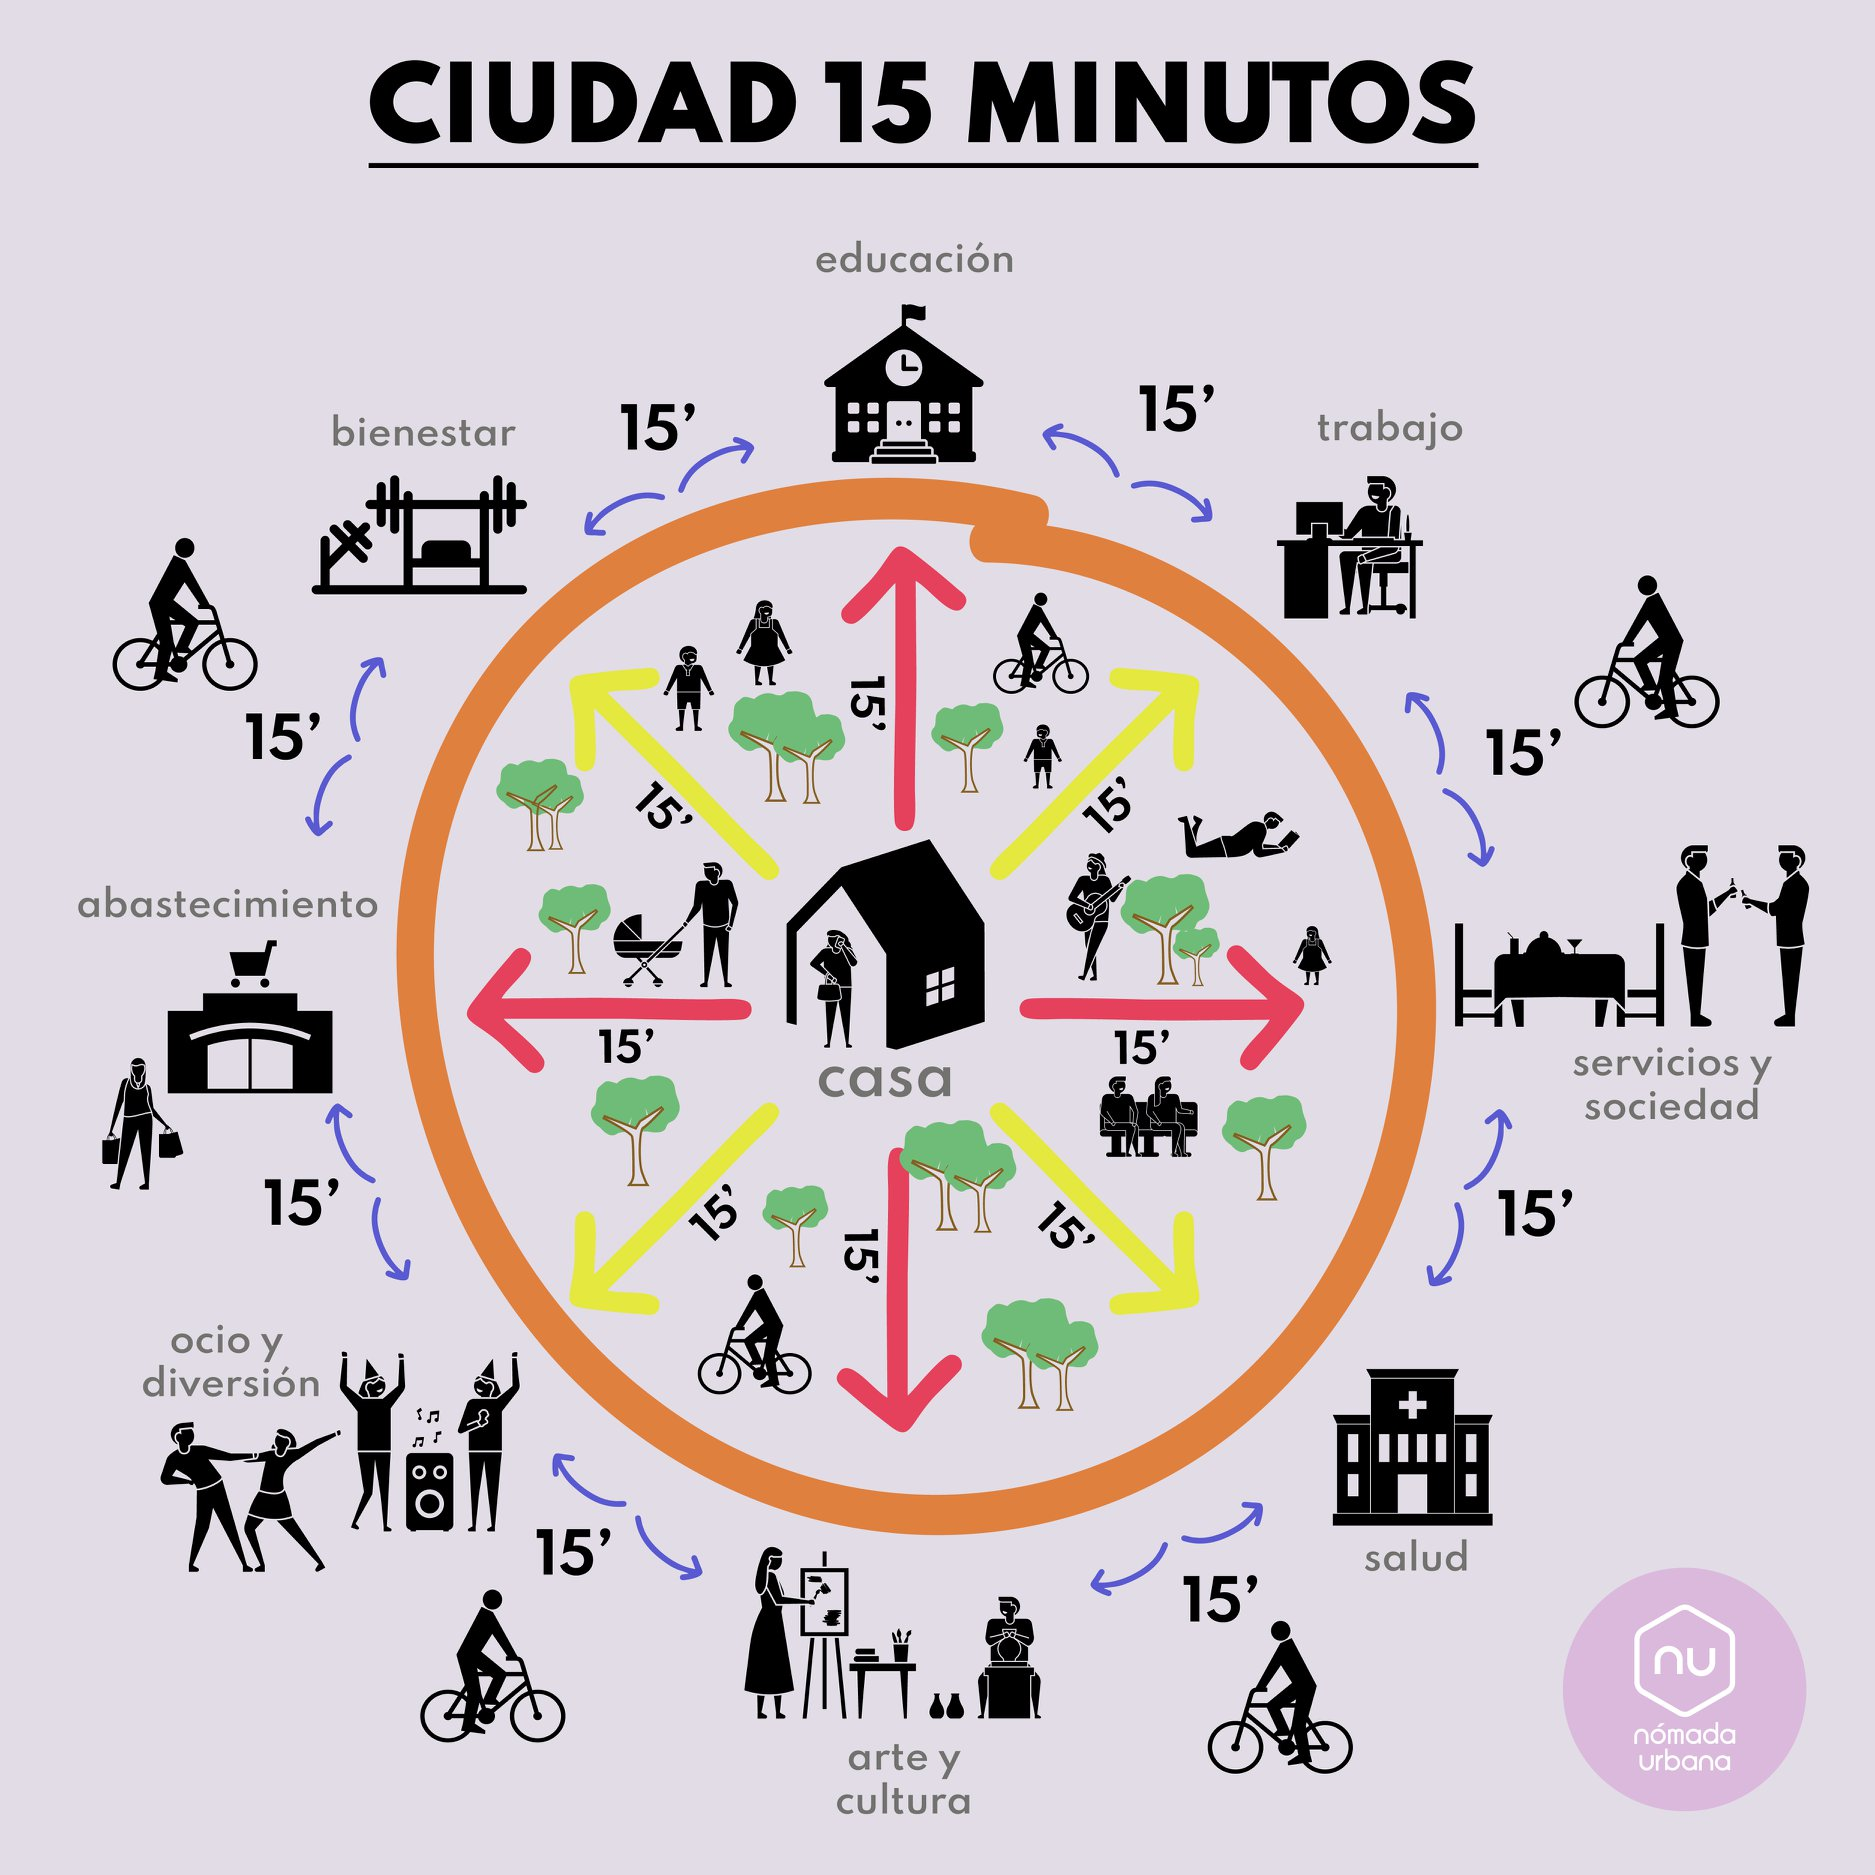 La ciudad de 15 minutos